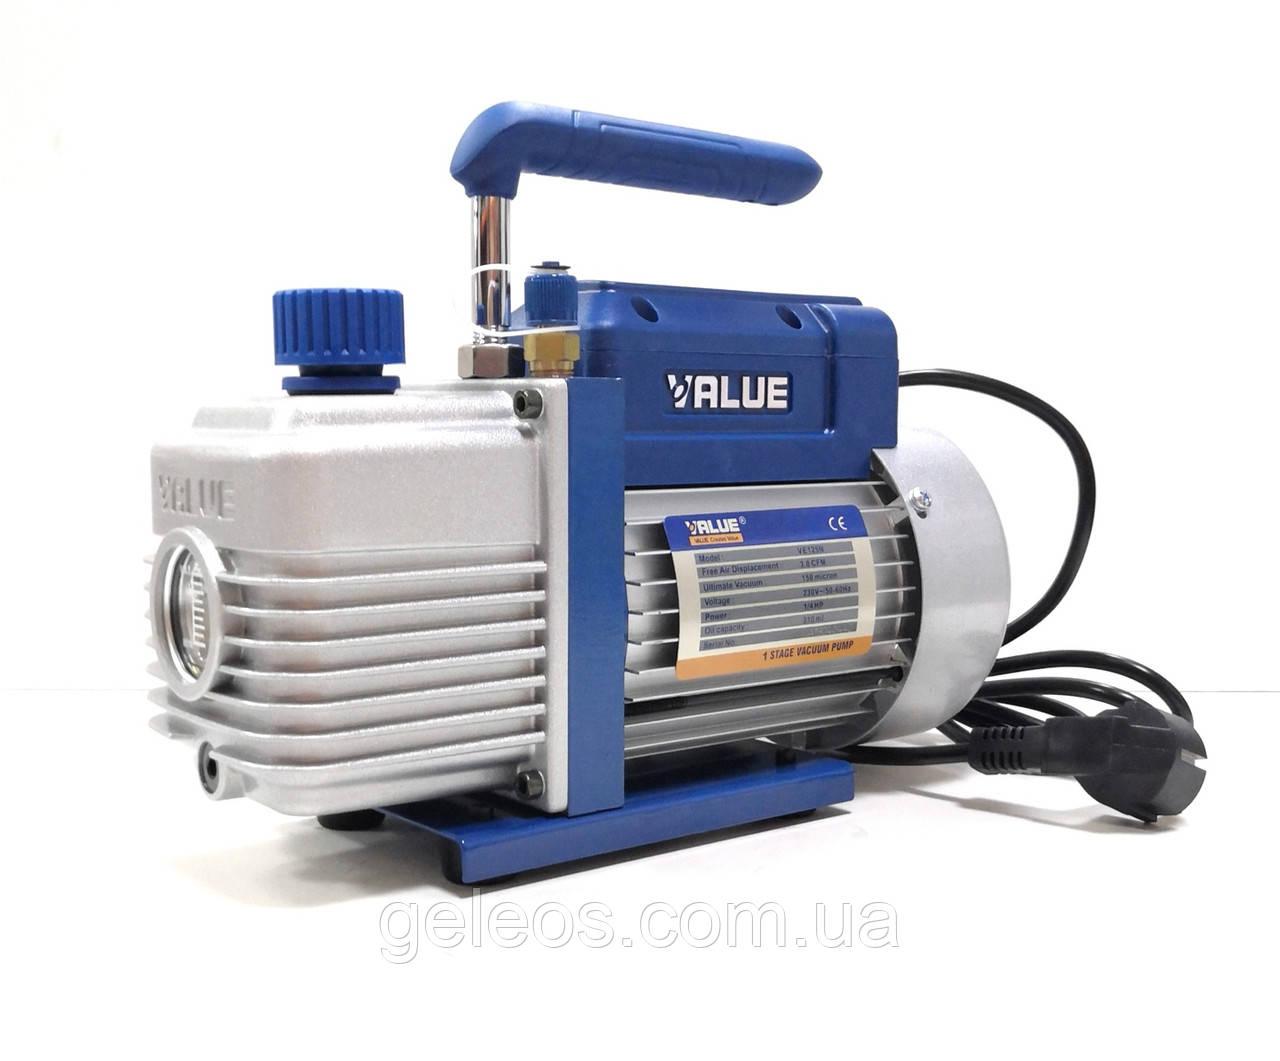 Вакуумный насос VE 125 N VALUE (1 ступ.70 л/мин.)